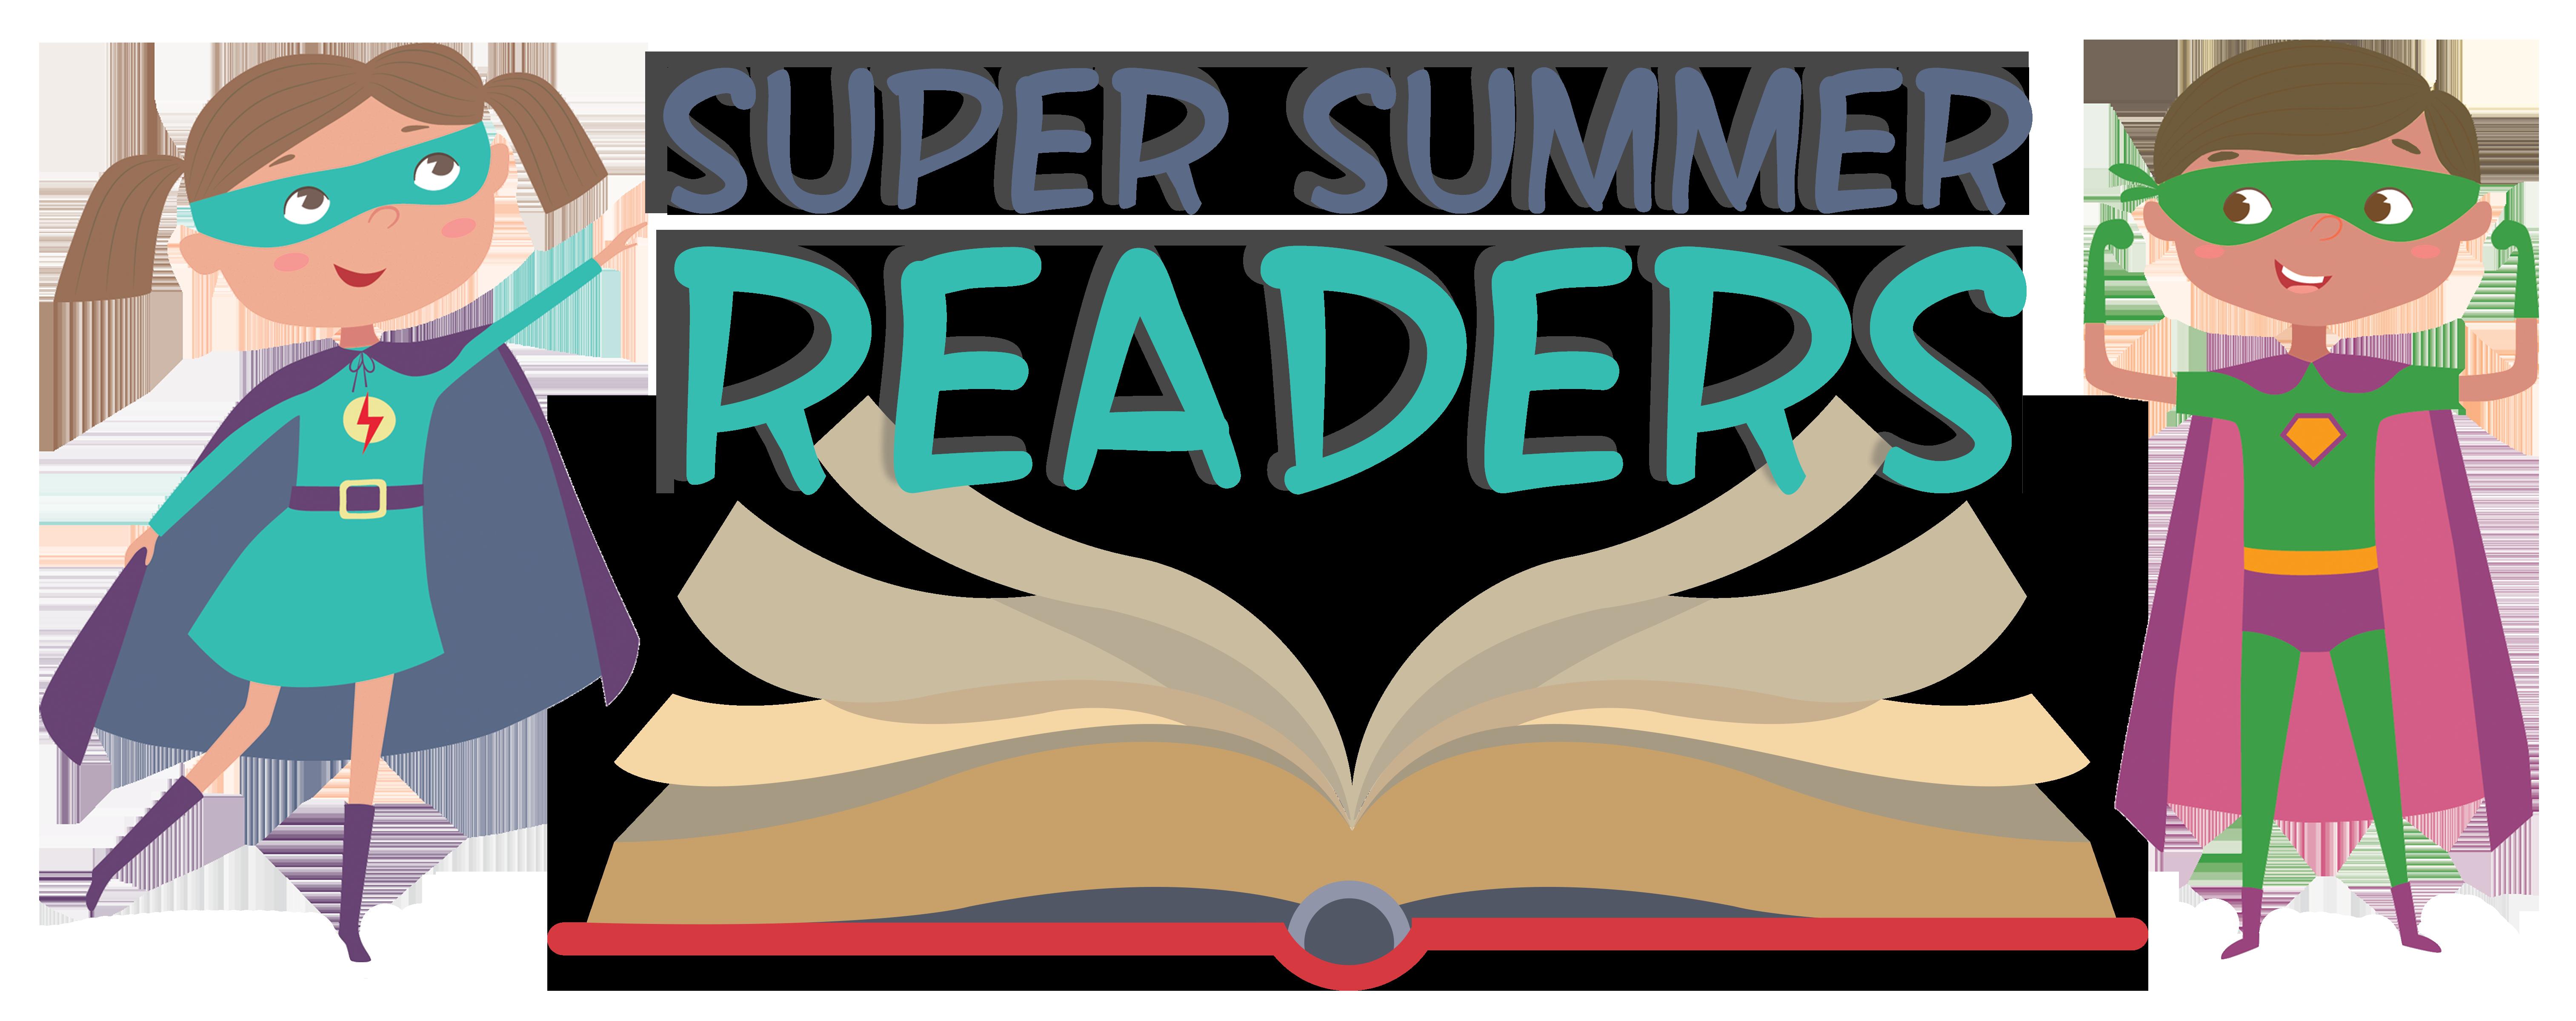 Super Summer Readers | SA Youth